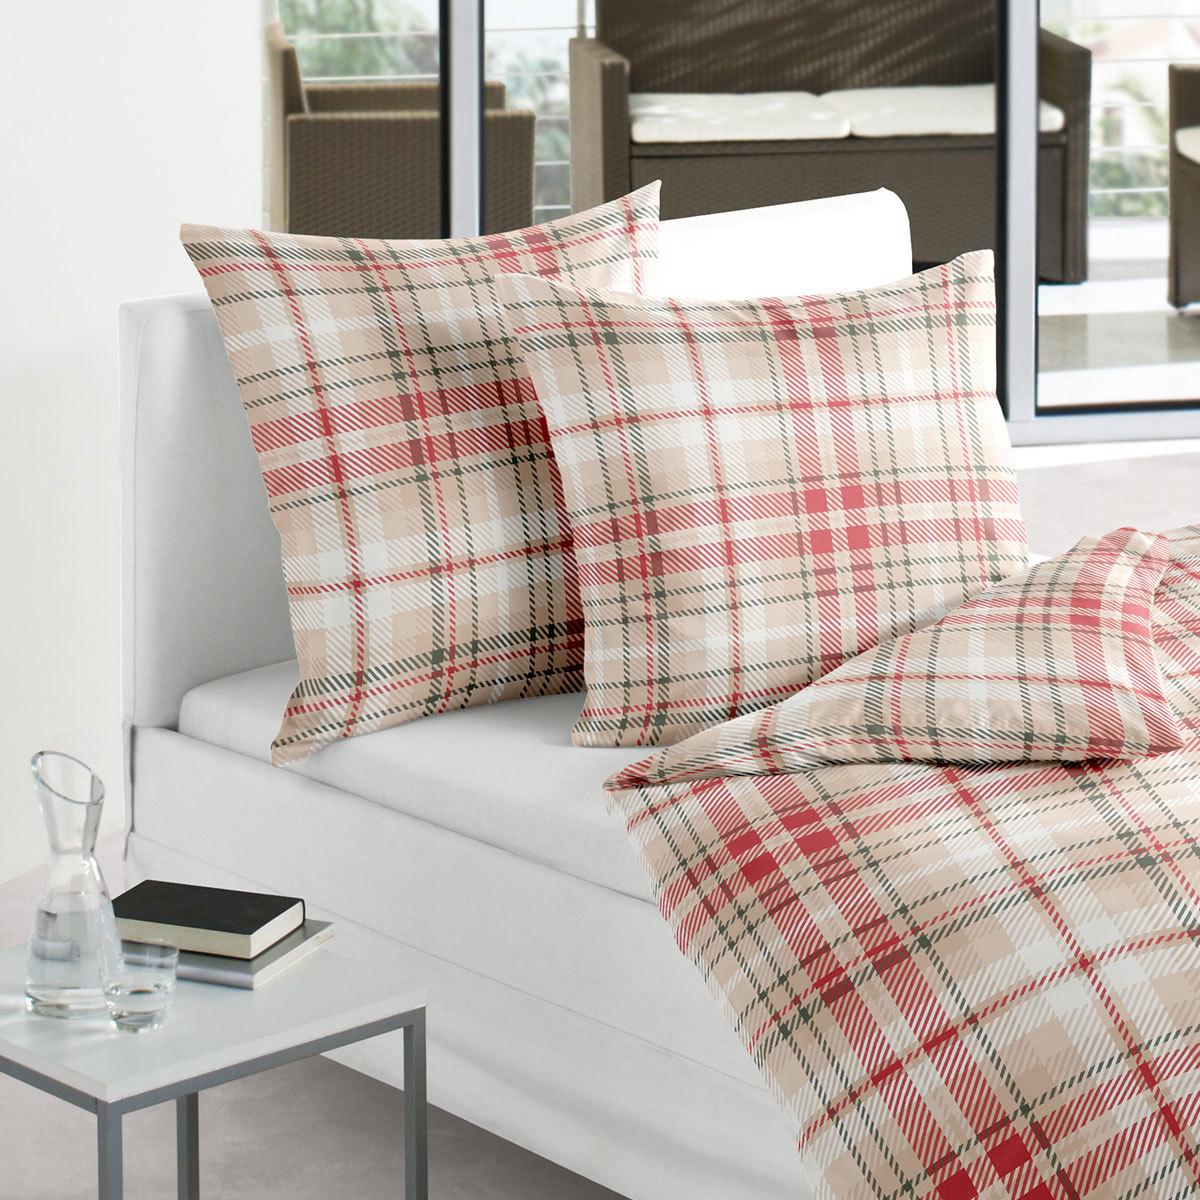 irisette biber bettw sche davos 8656 90 g nstig online kaufen bei bettwaren shop. Black Bedroom Furniture Sets. Home Design Ideas